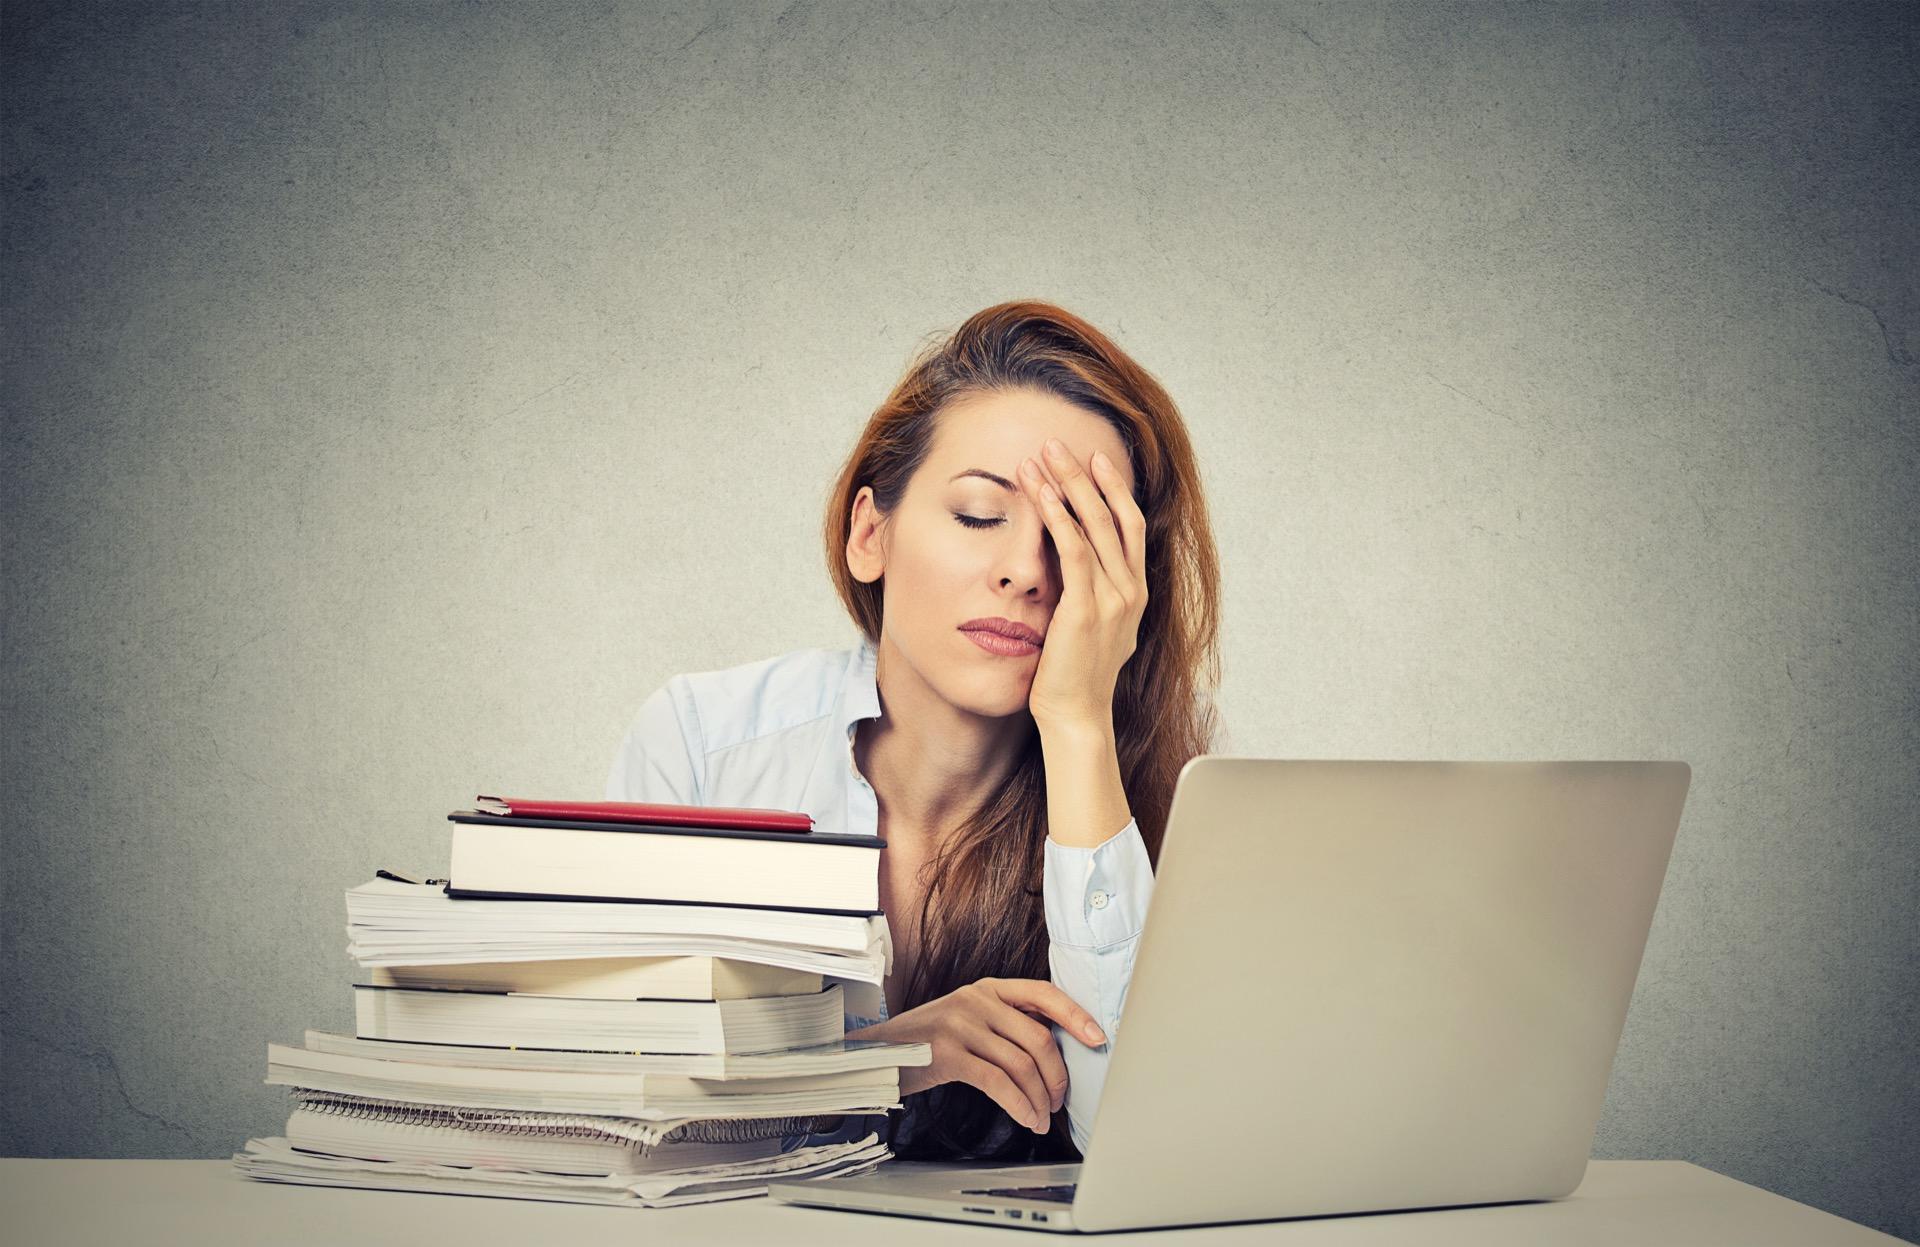 Dormir mal tiene sus consecuencias en el rendimiento diario, la salud y la belleza.